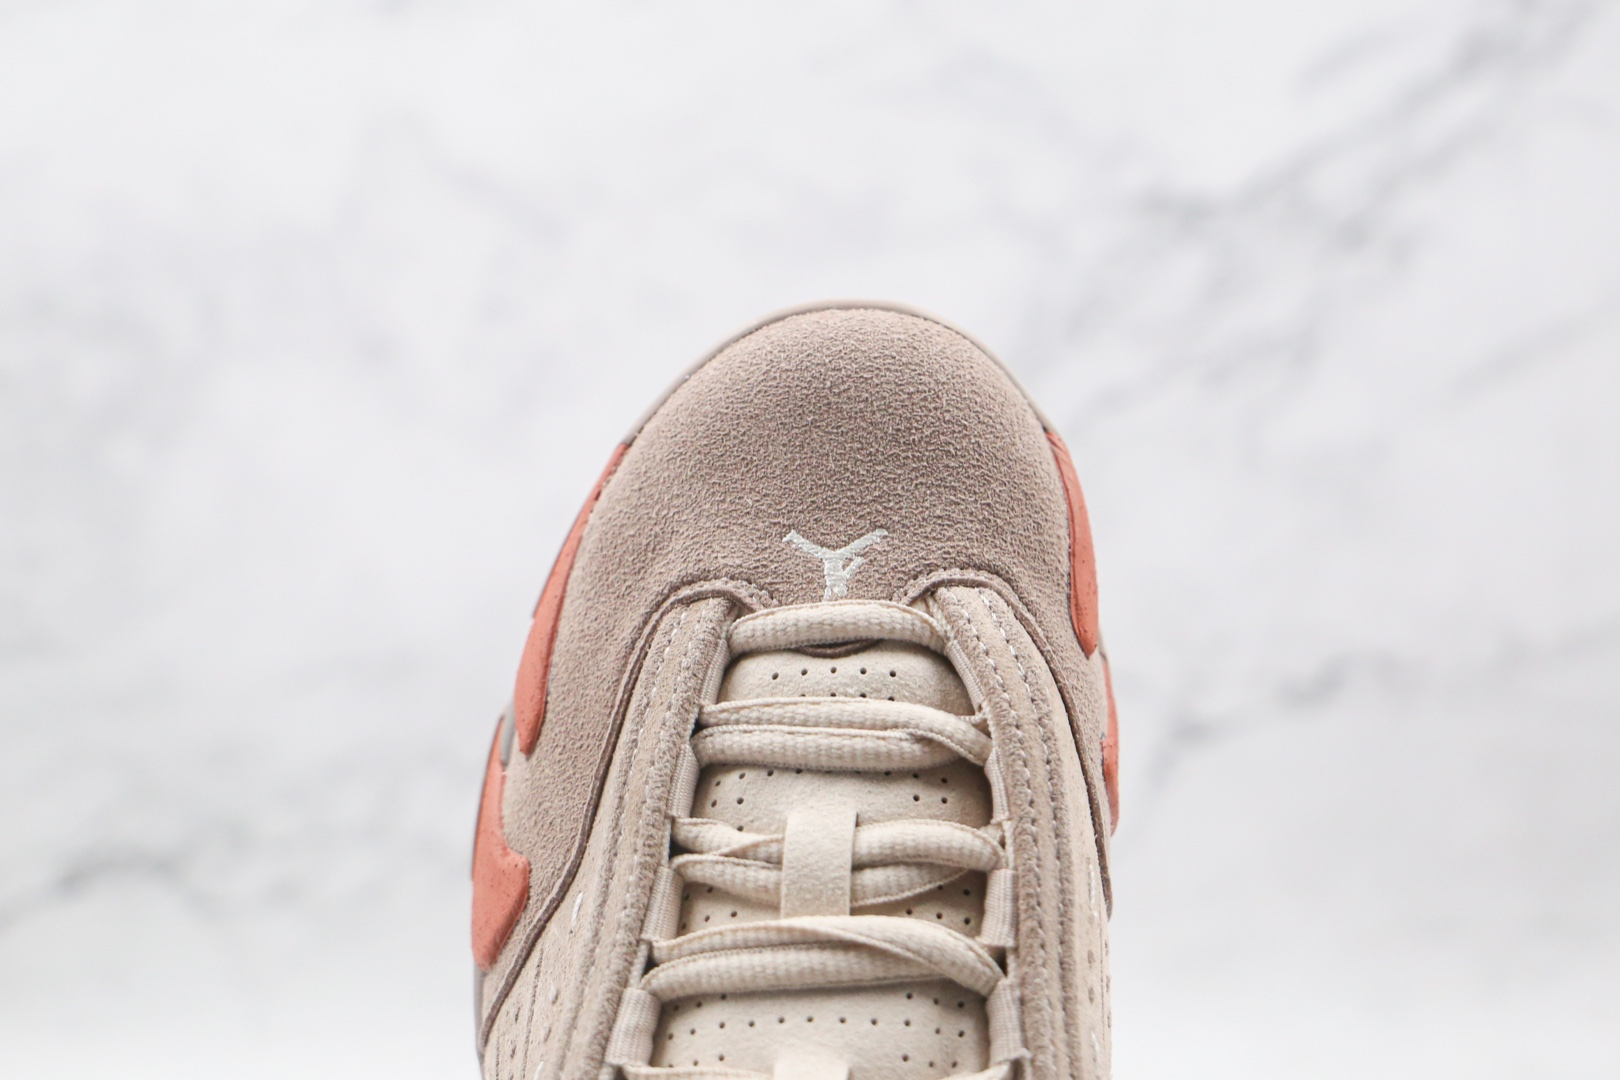 乔丹Air Jordan 14 Low x CLOT陈冠希联名款纯原版本兵马俑AJ14中国结铜钱篮球鞋原盒原标 货号:DC9857-200